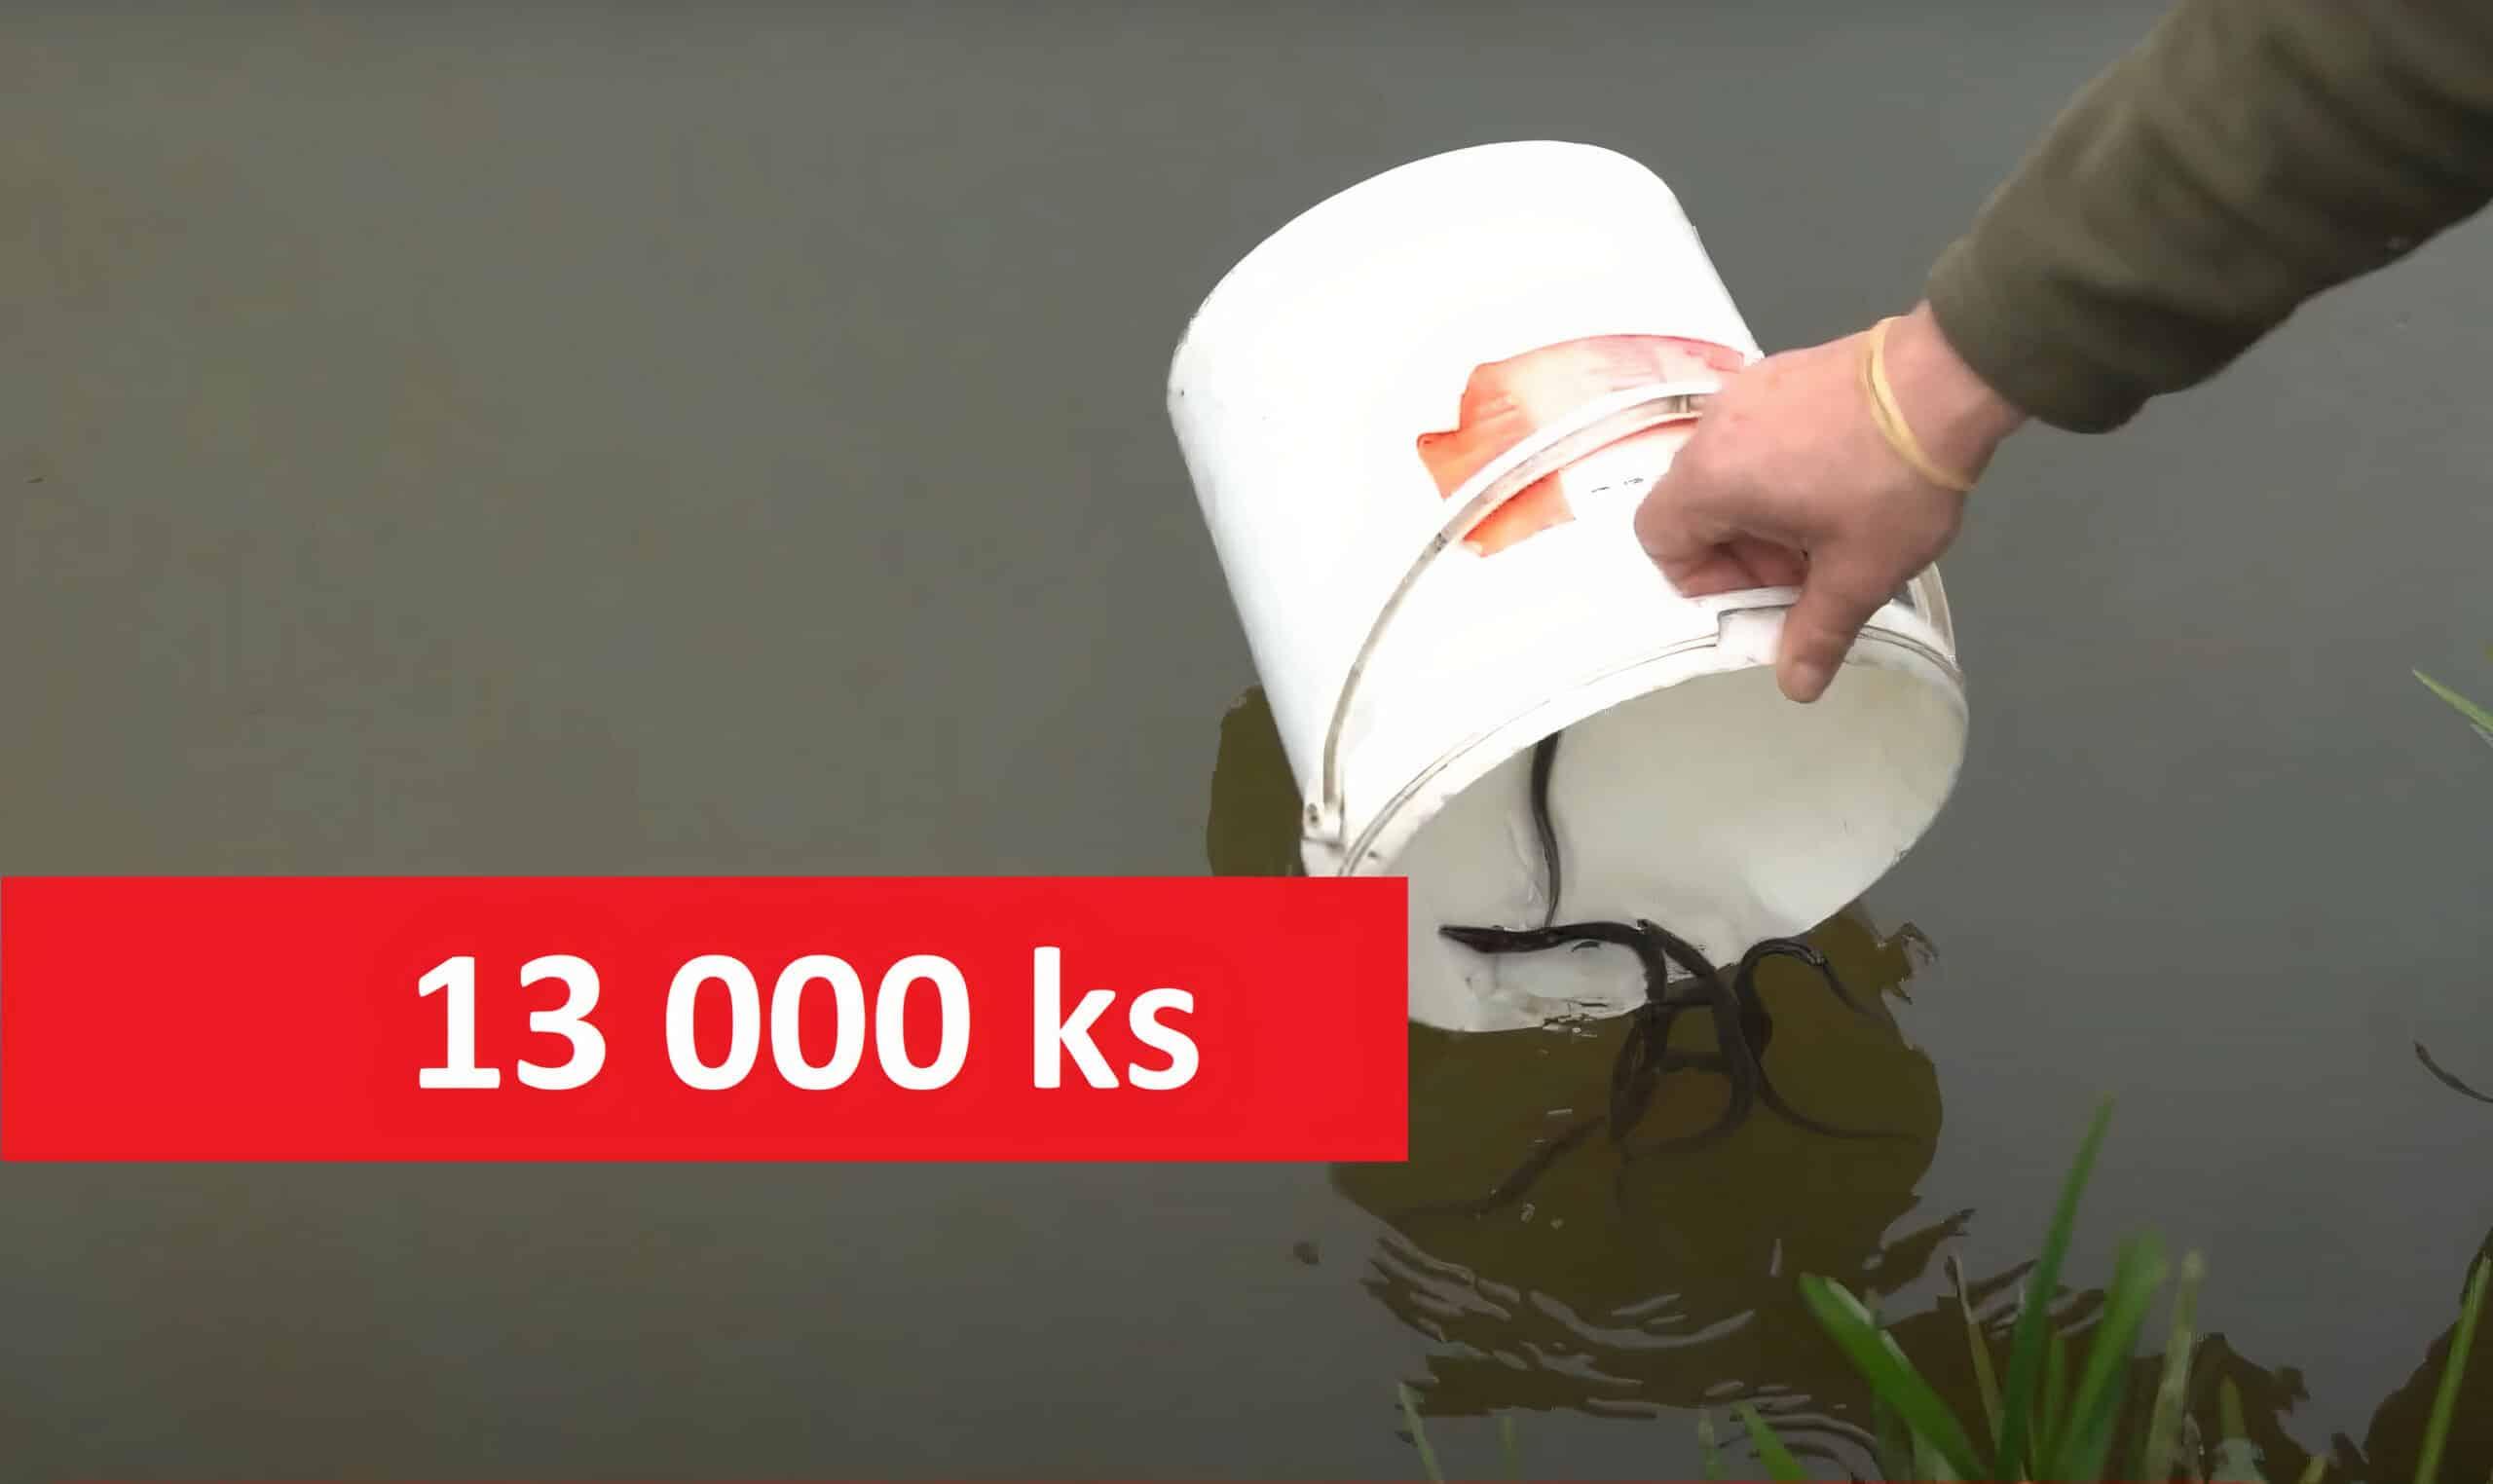 Zlatí úhoři včeských revírech: Reportáž zvysazování 13000 odkrmených úhořů